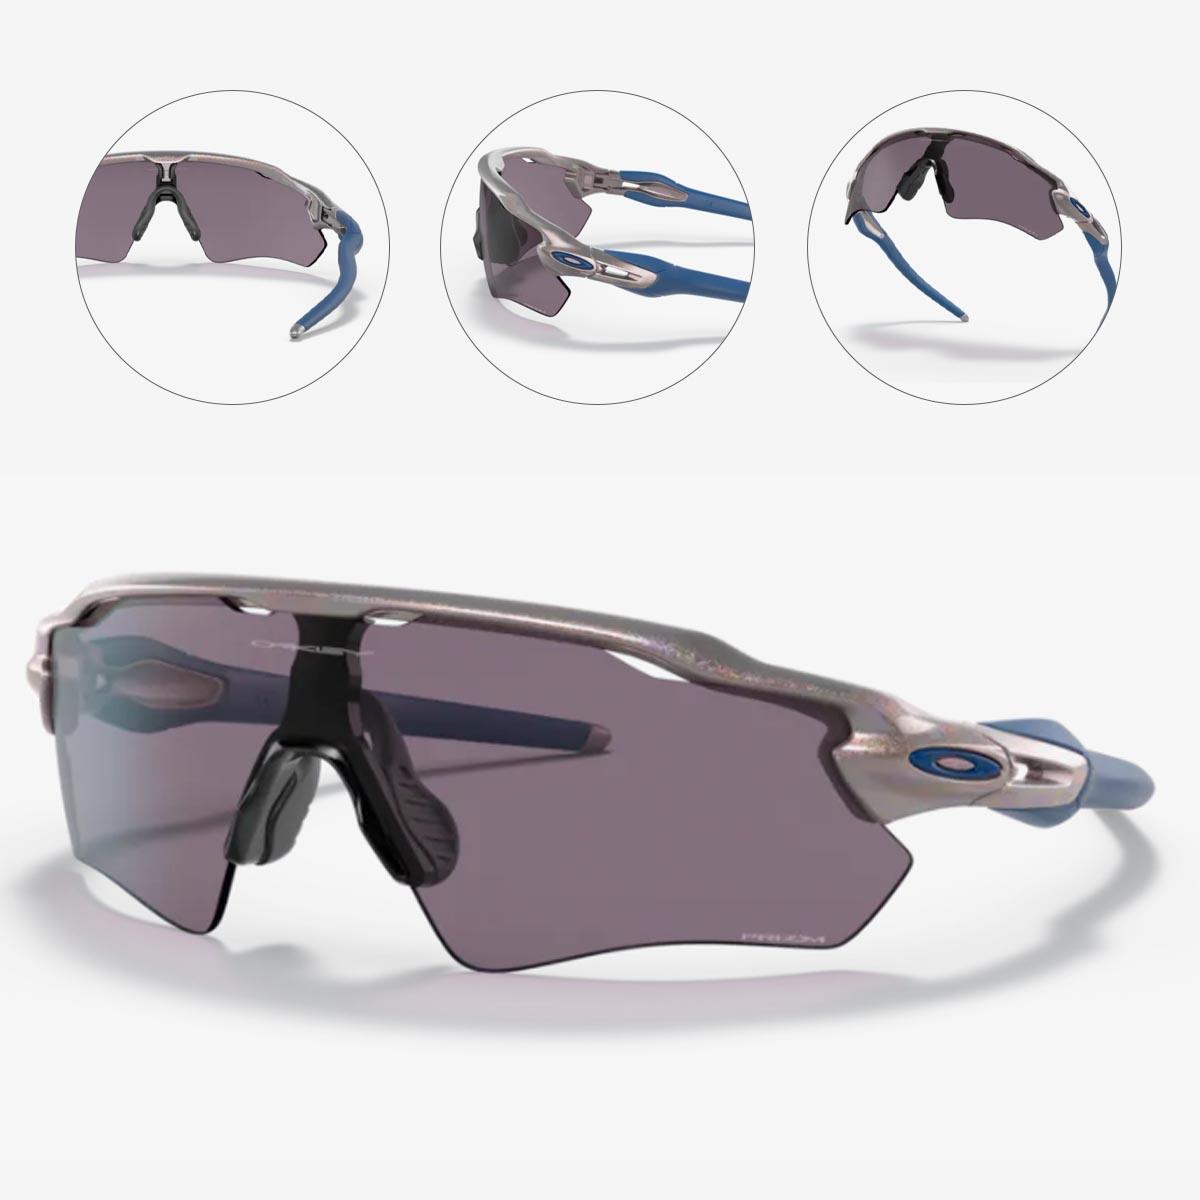 Oculos Para Ciclismo Oakley Radar Ev Path Holografico Com Lente Prizm Cinza Escura